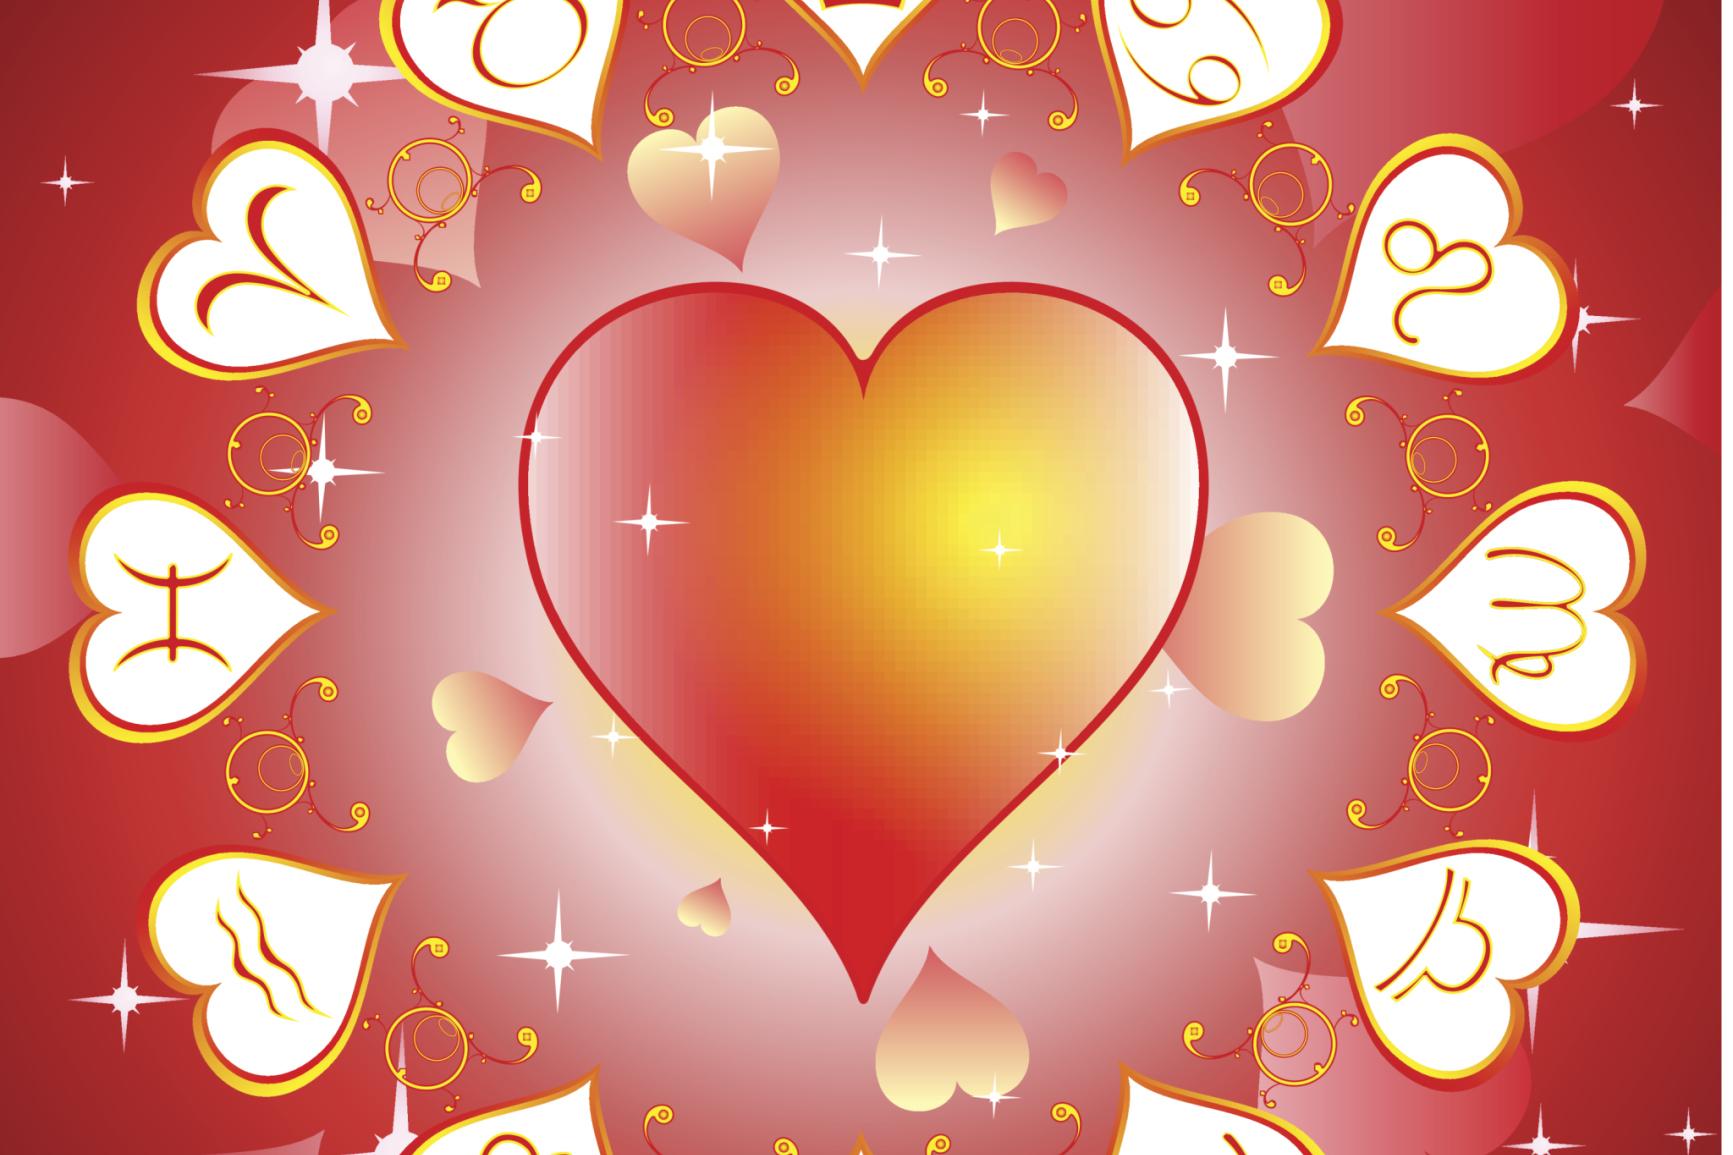 Любовный гороскоп на 22 ноября 2017 года